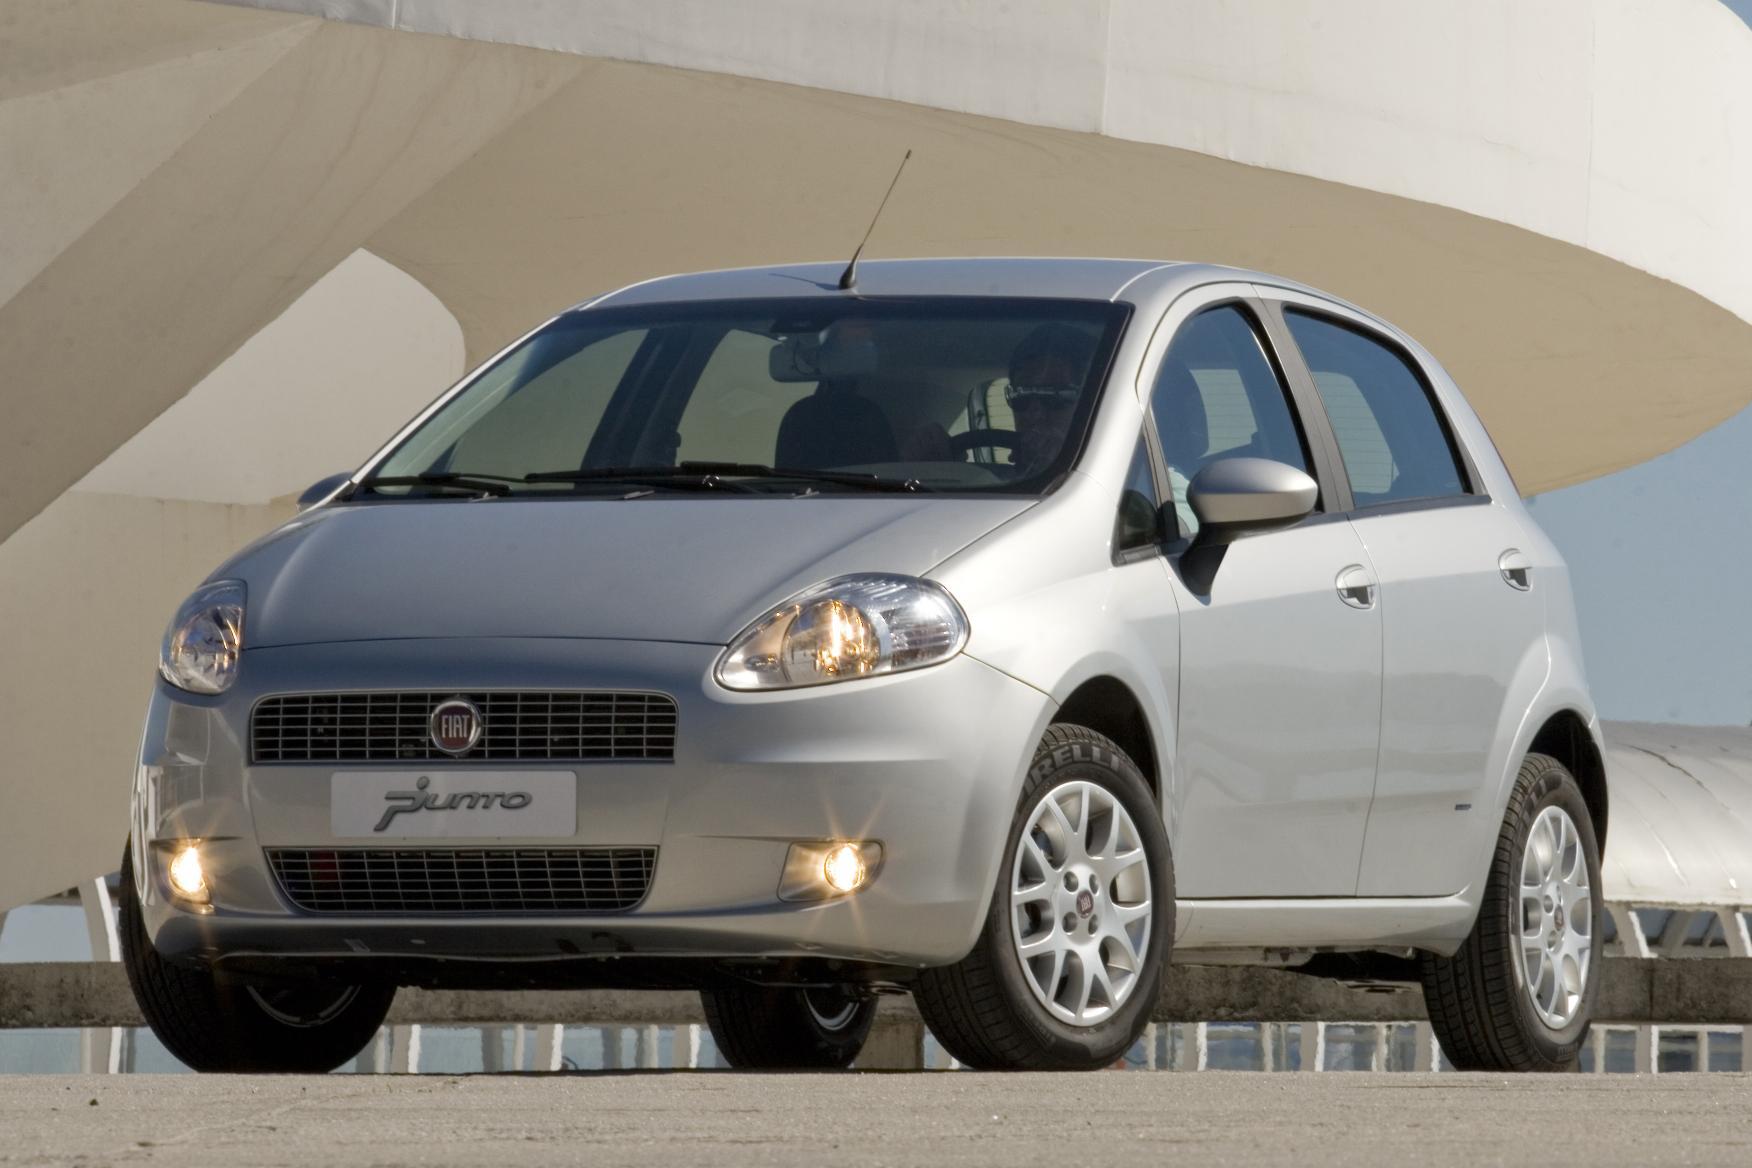 Designers de carros: Fiat Punto foi projetado por Giorgetto Giugiaro